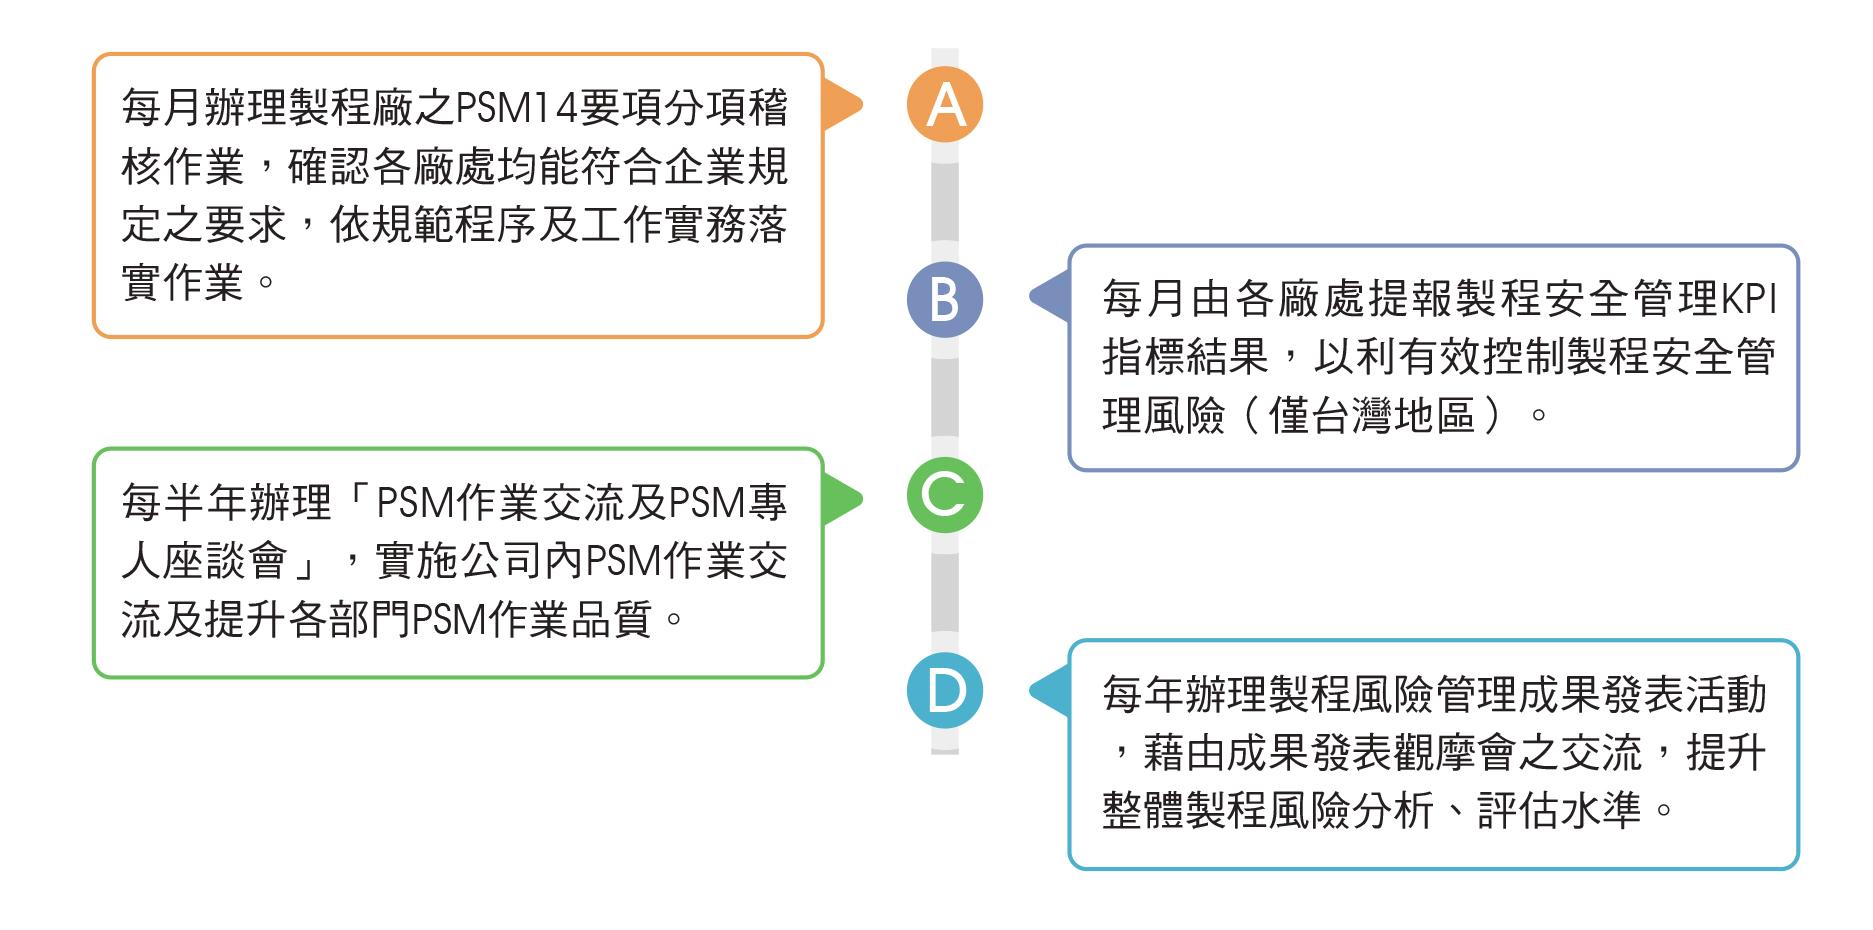 制程安全管理作业(Process safety management,PSM)